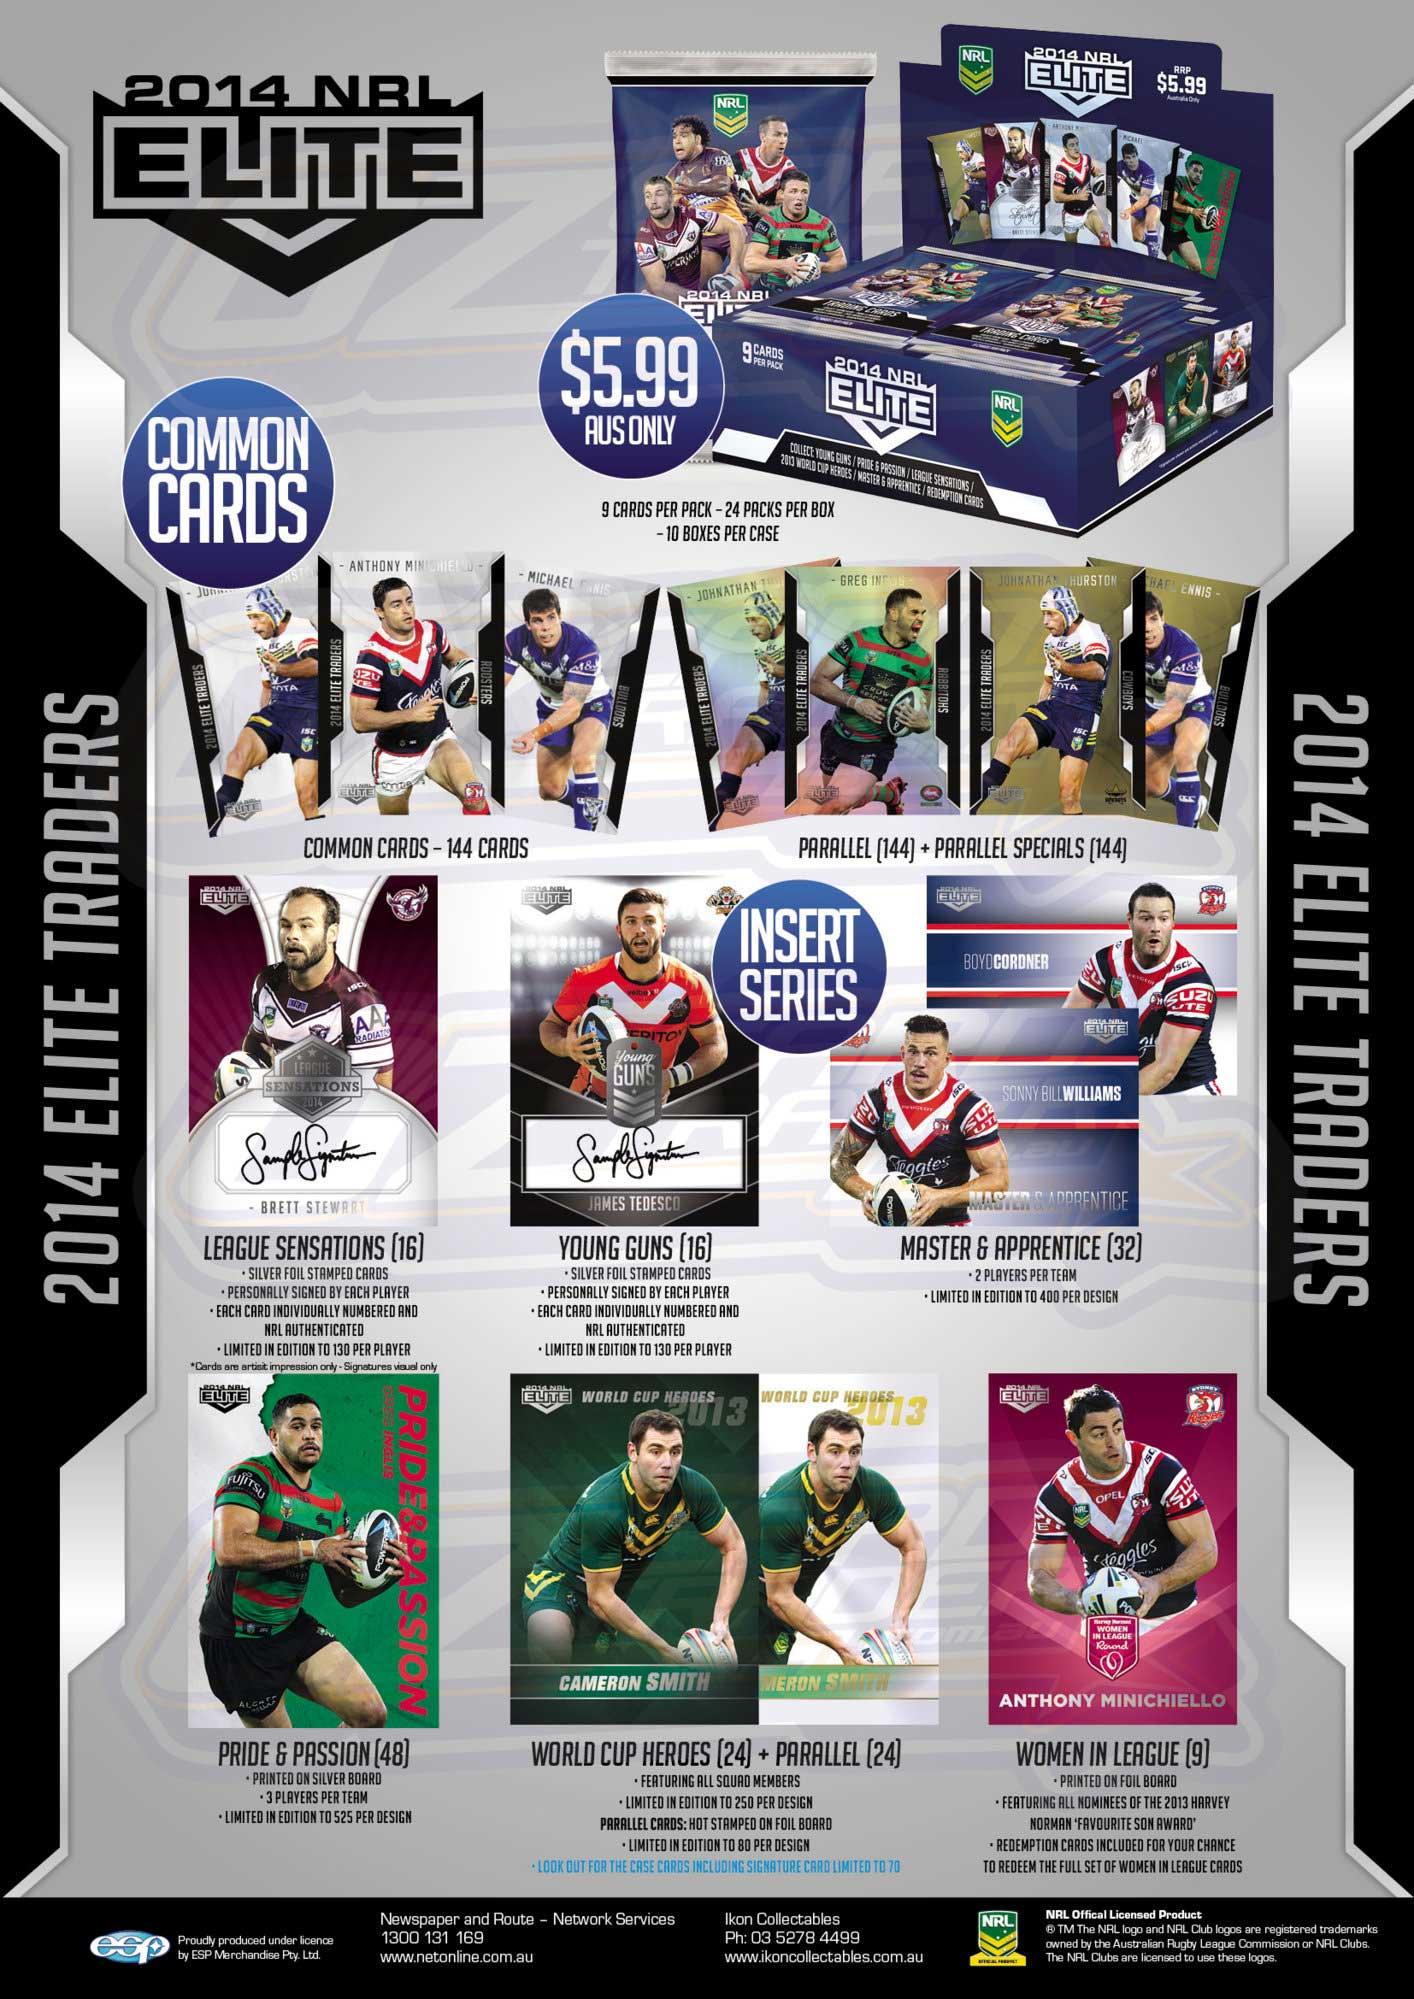 2014 NRL Elite